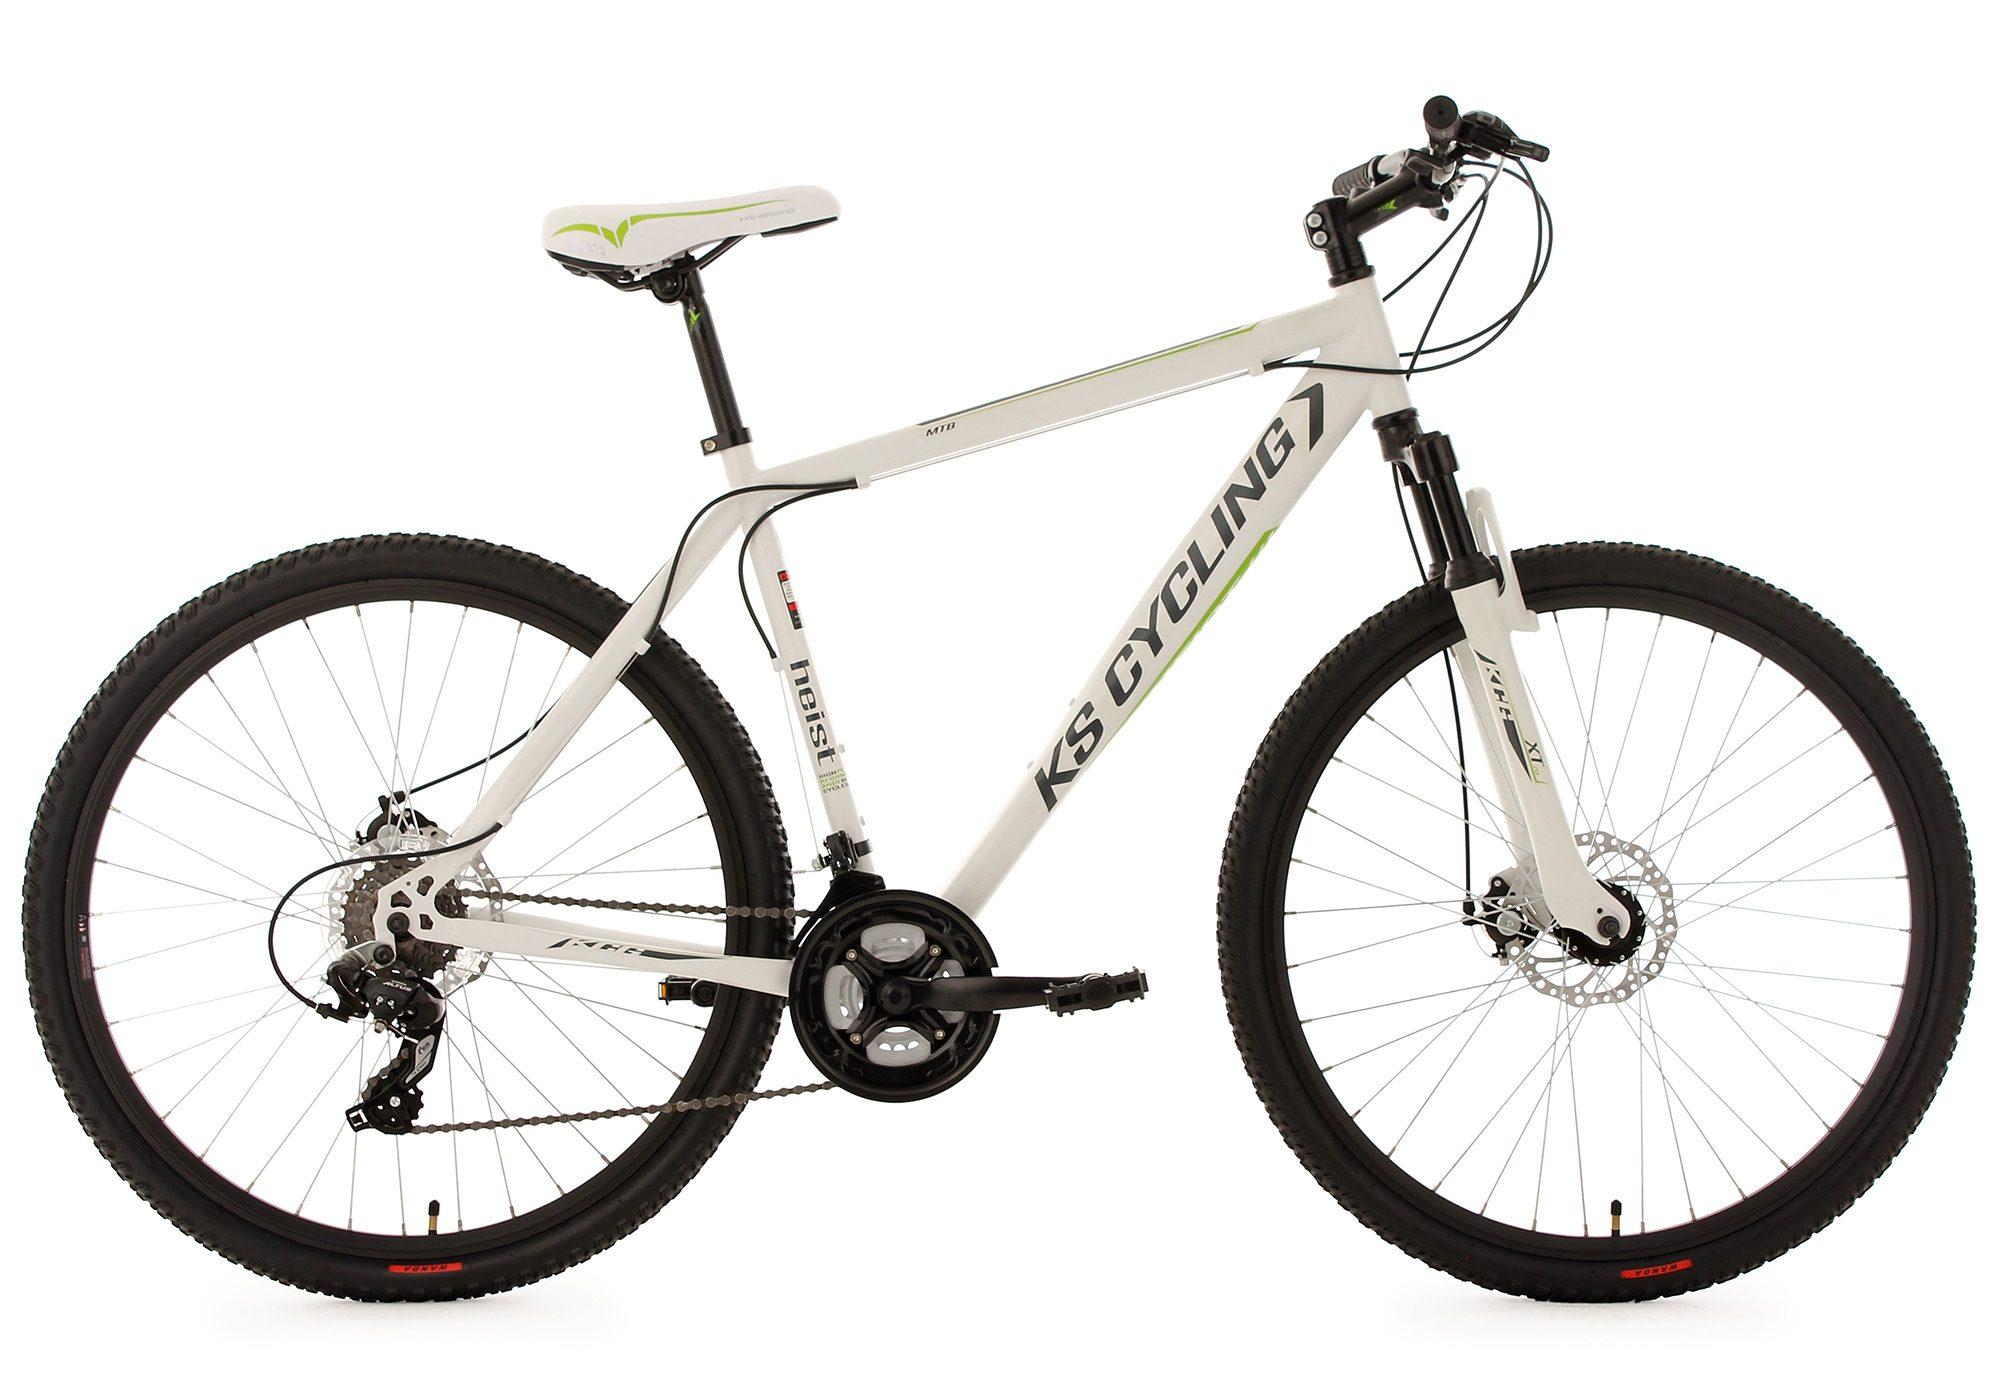 KS Cycling Hardtail Mountainbike, 27,5 Zoll, weiß, 24 Gang Kettenschaltung, »Heist«